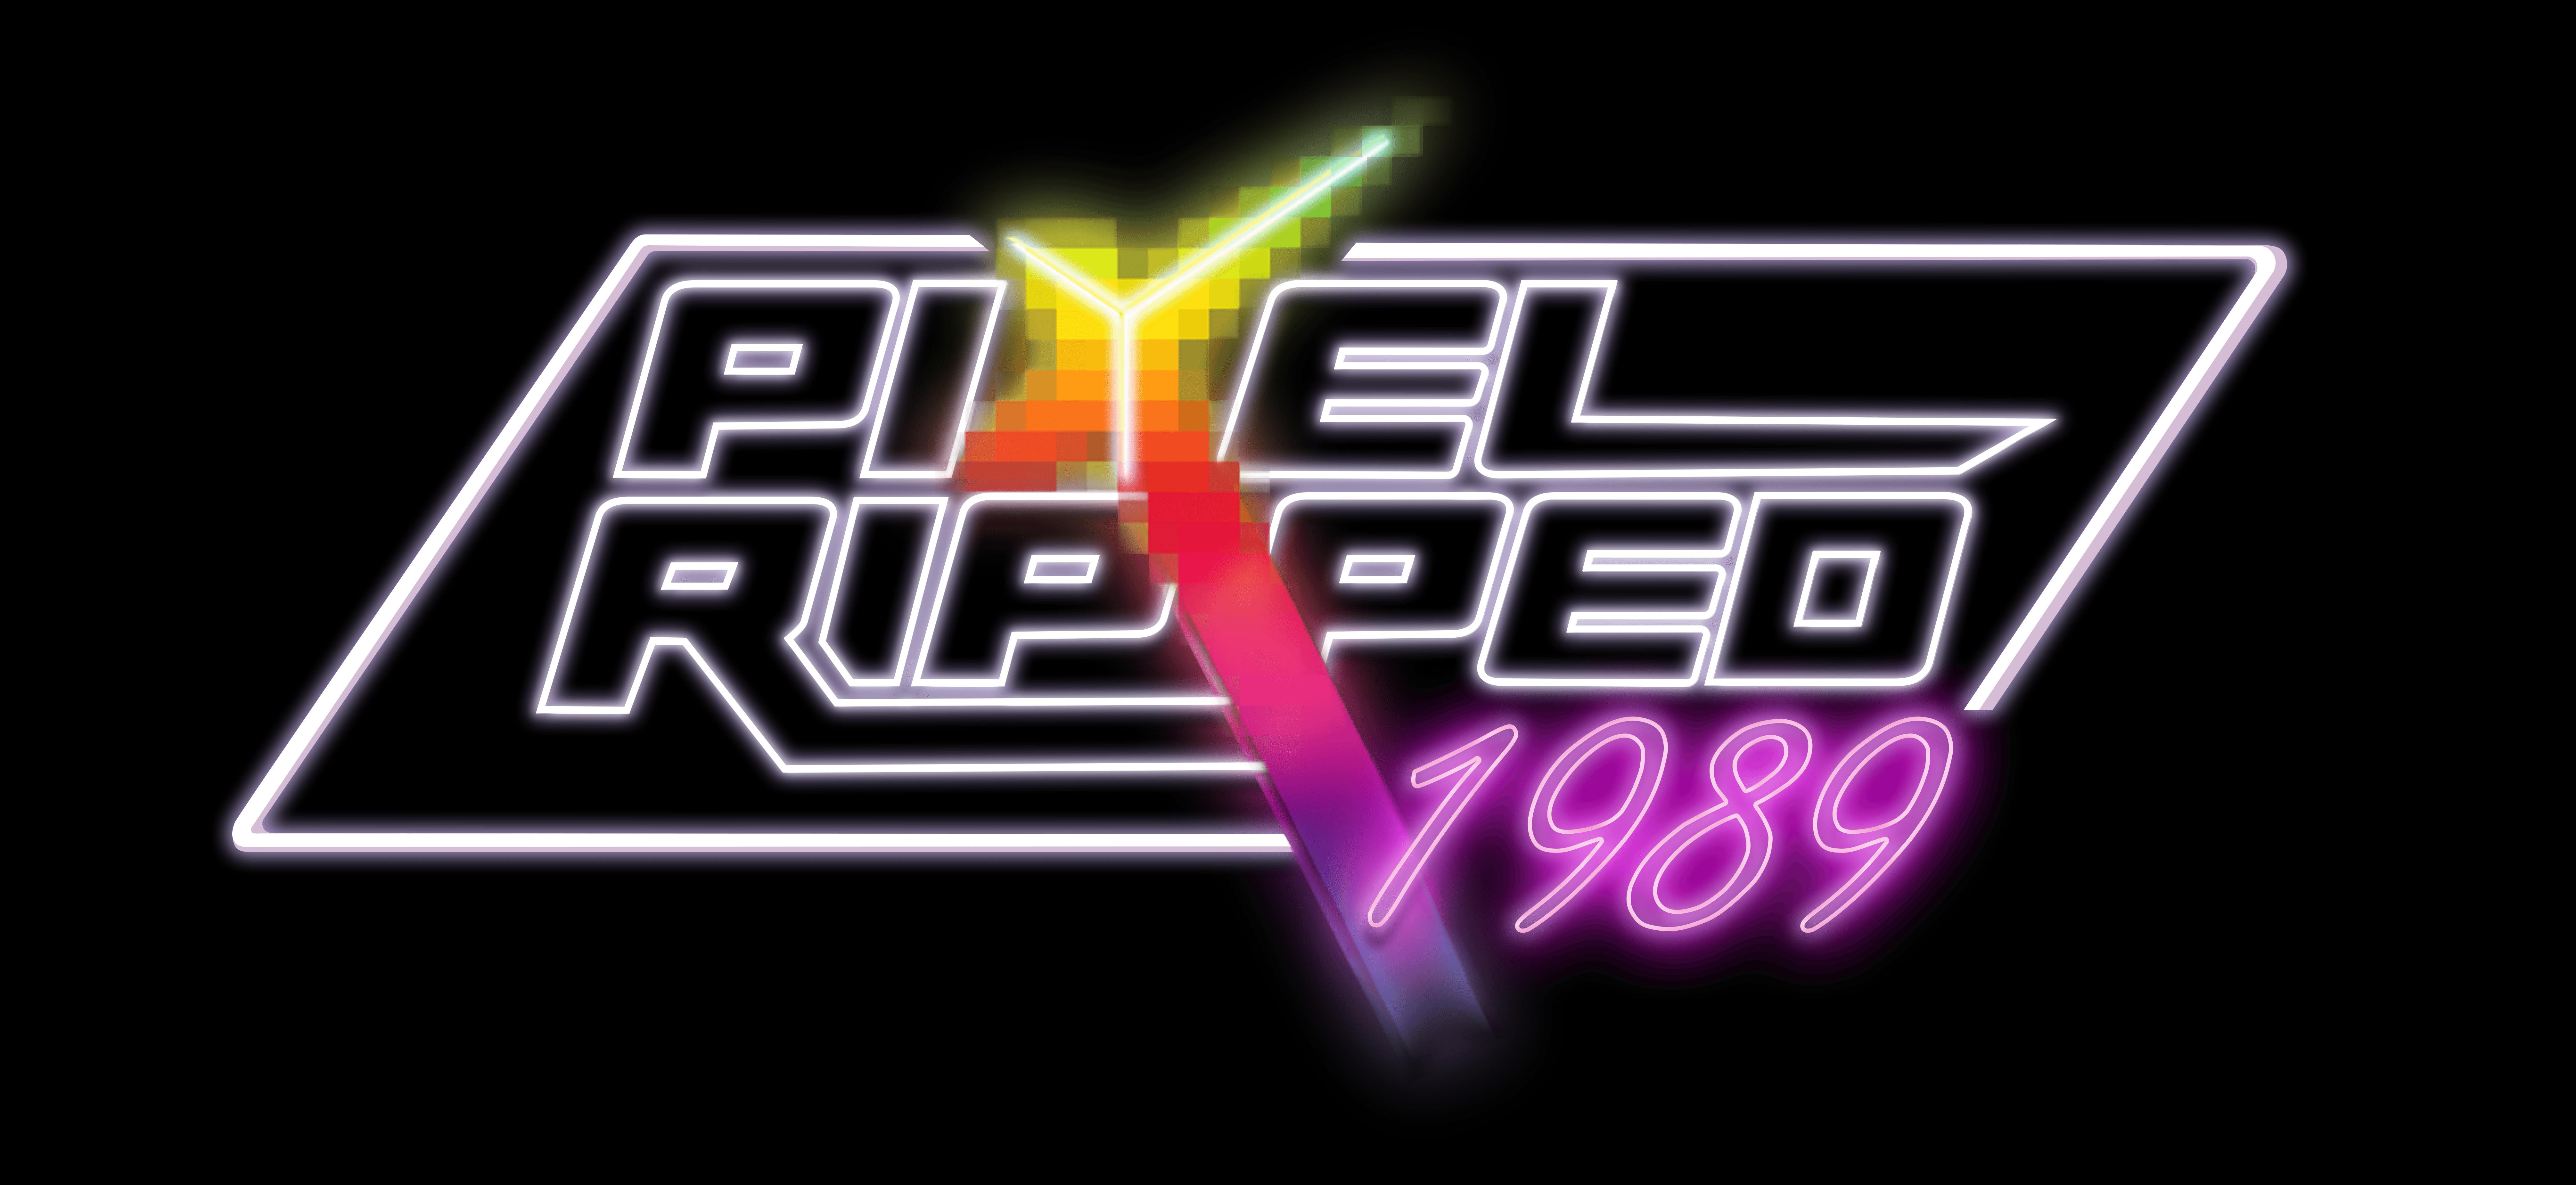 PixelRipped1989_logo